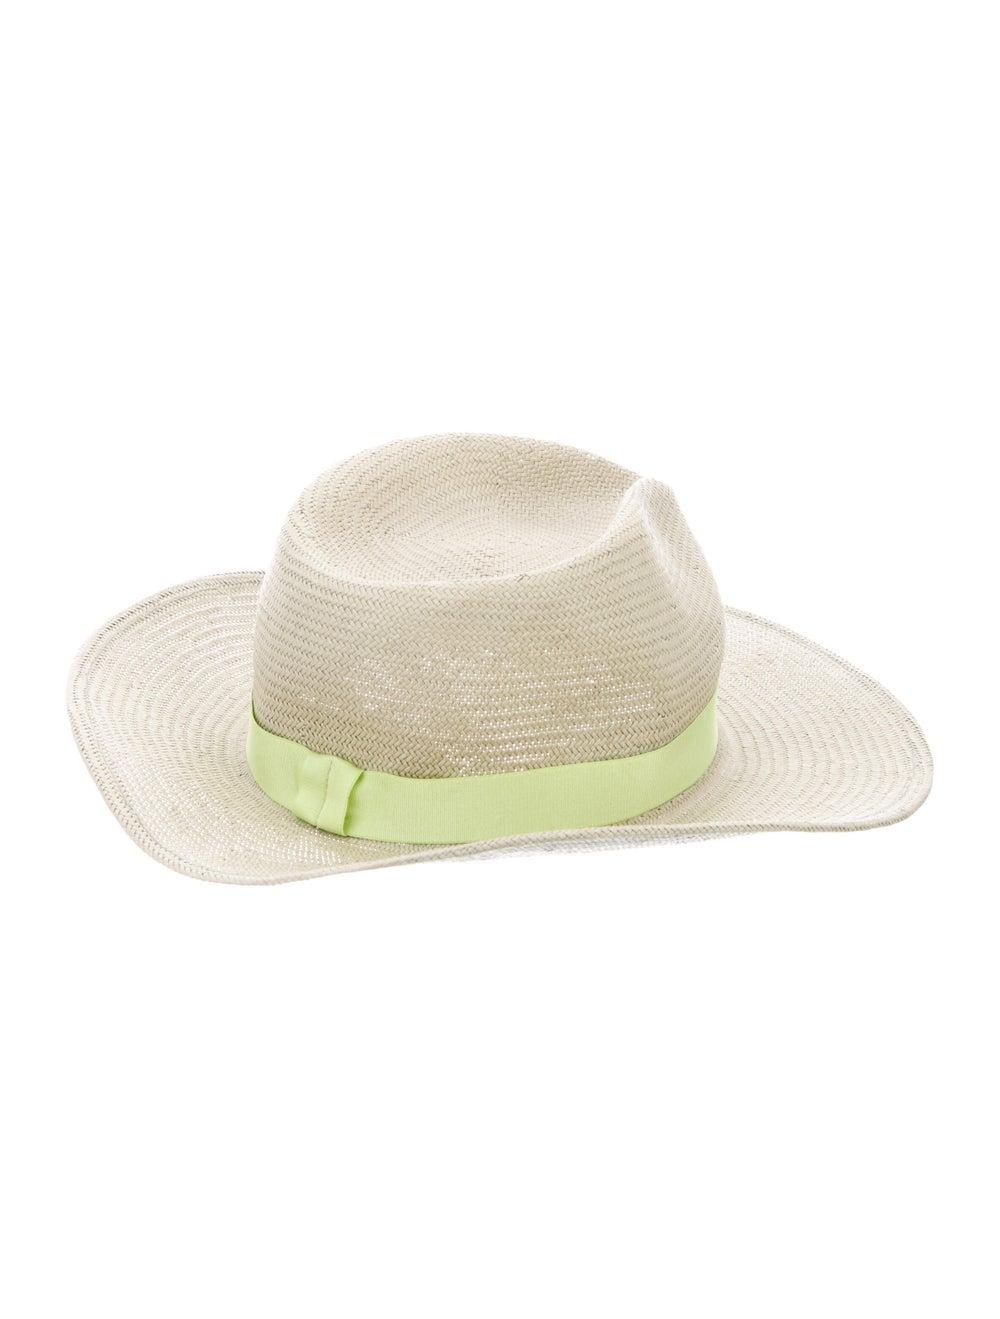 Yestadt Millinery Straw wide-brim Hat - image 2